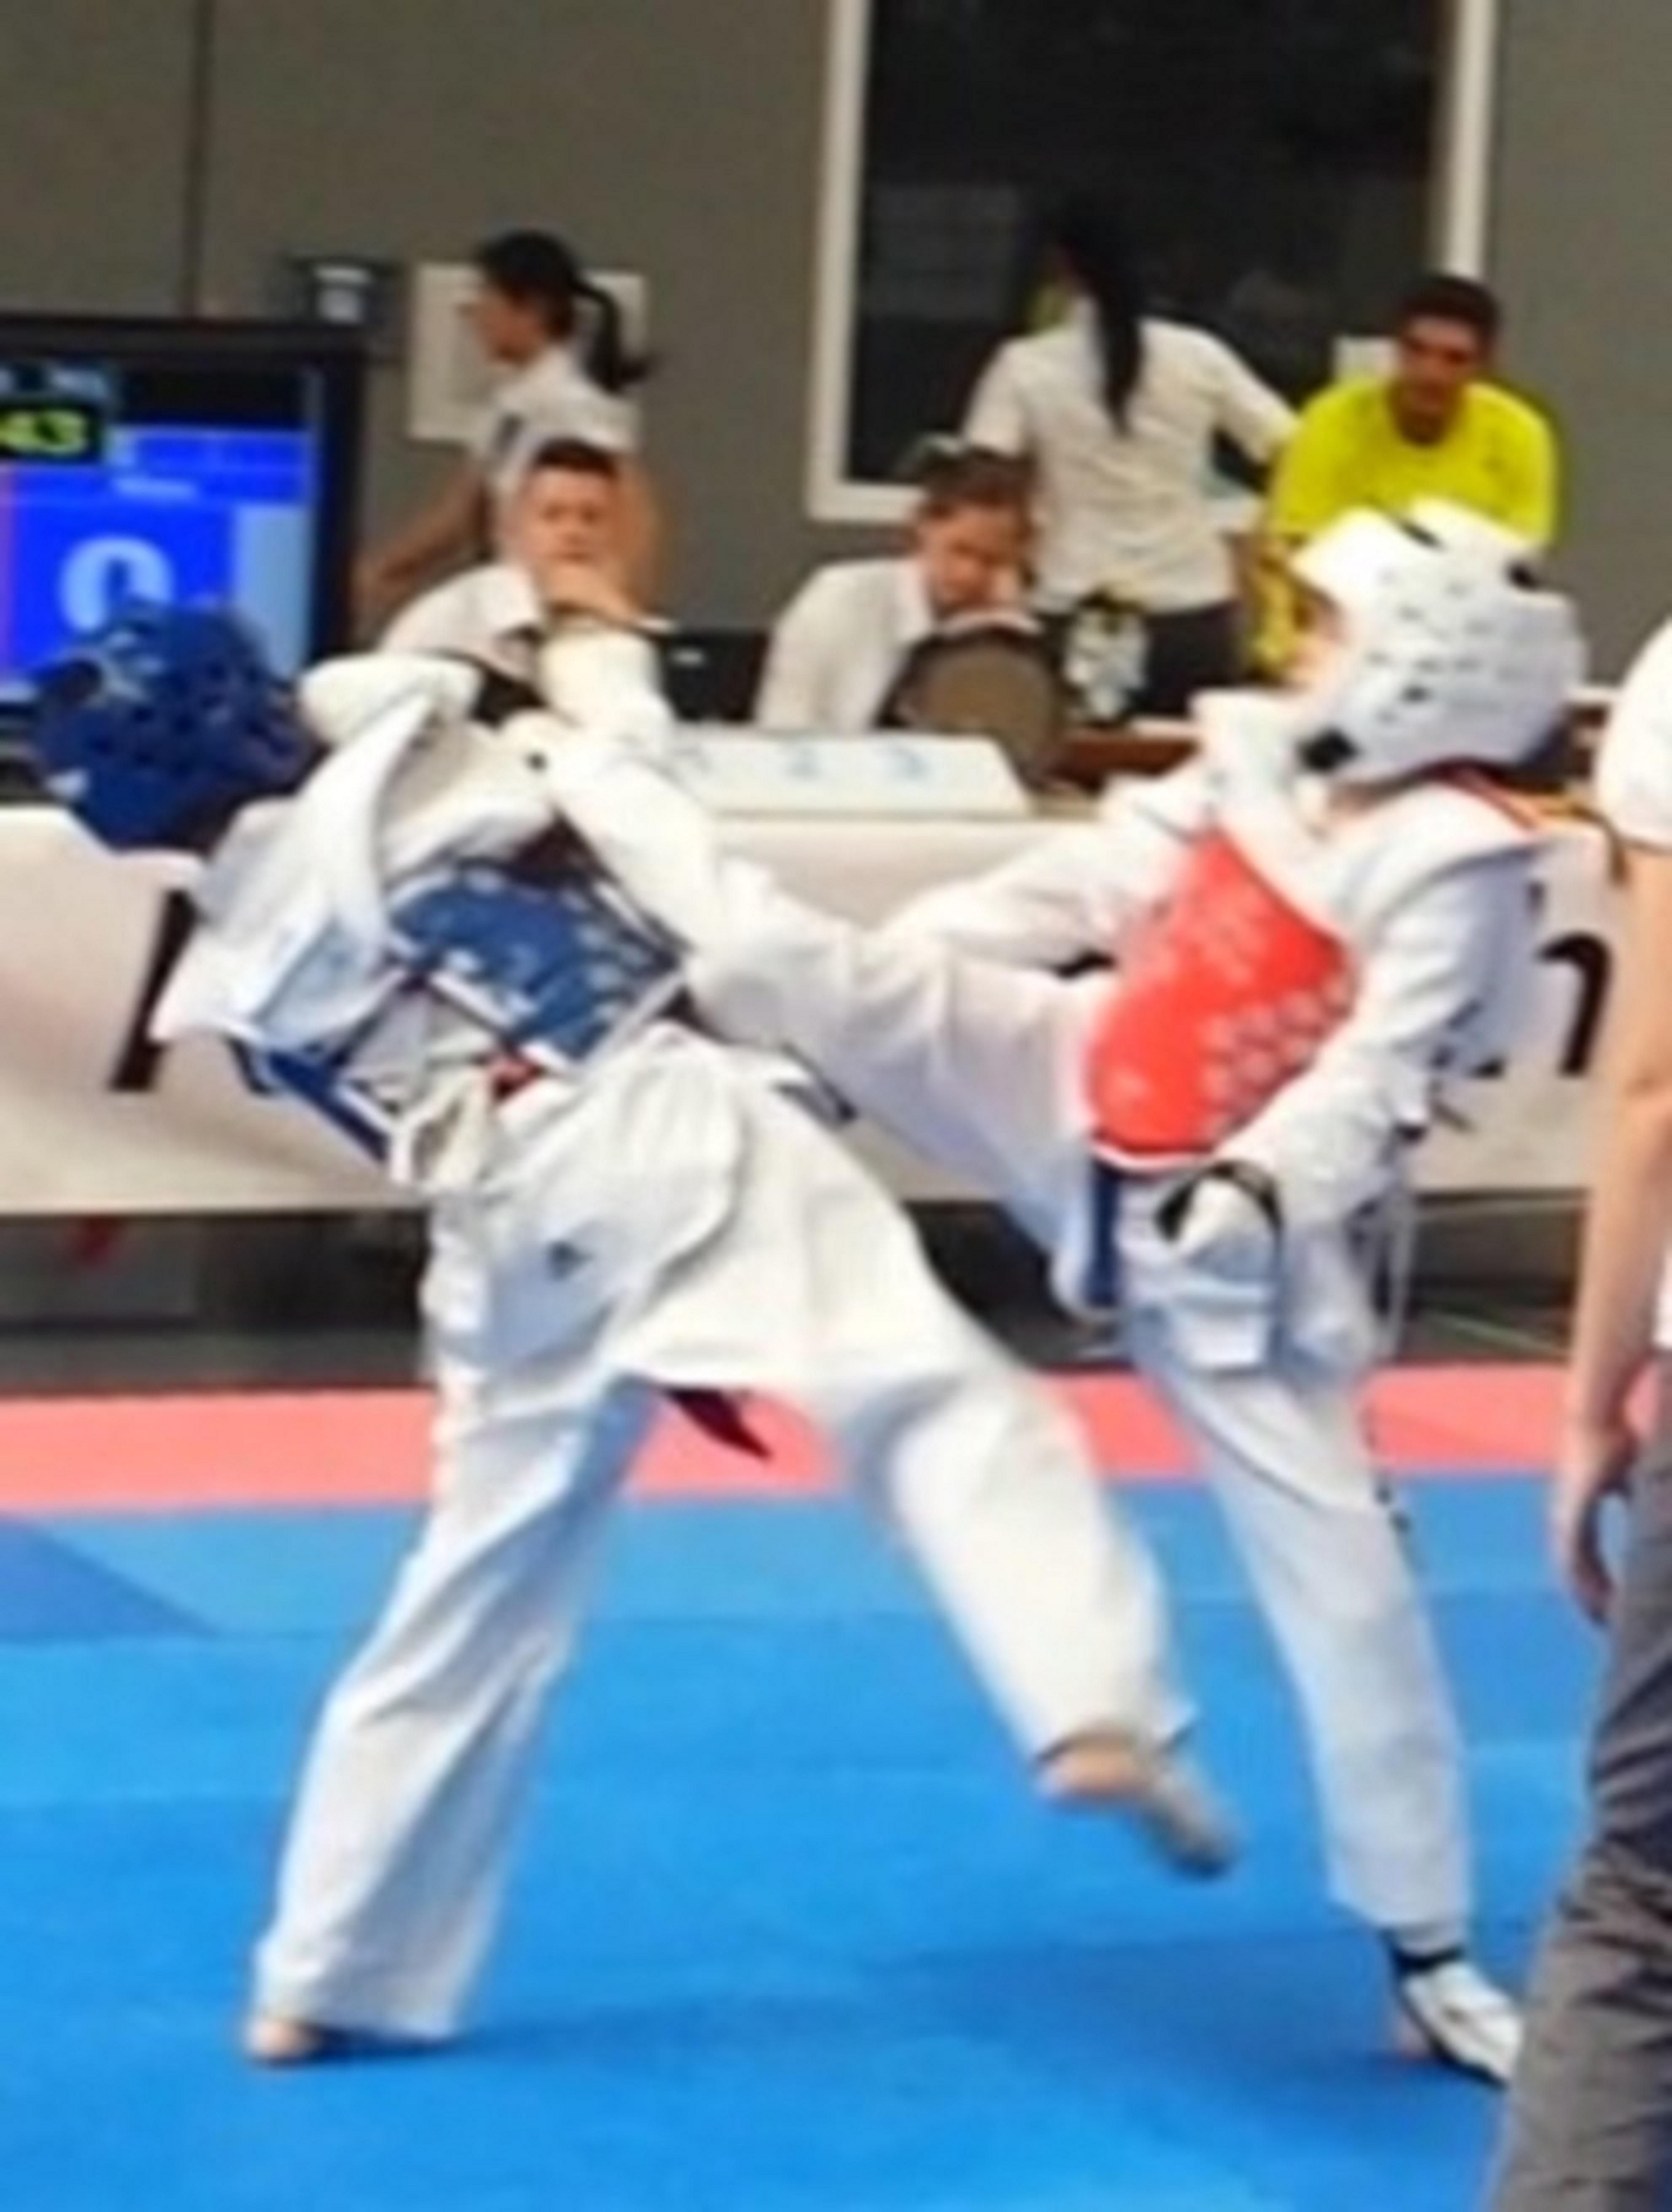 SPORTING Taekwondo mit Rheinland-Pfalz Meisterin, 3 Vize-Landesmeistern und einer Bronze-Medaille in Ingelheim erfolgreich